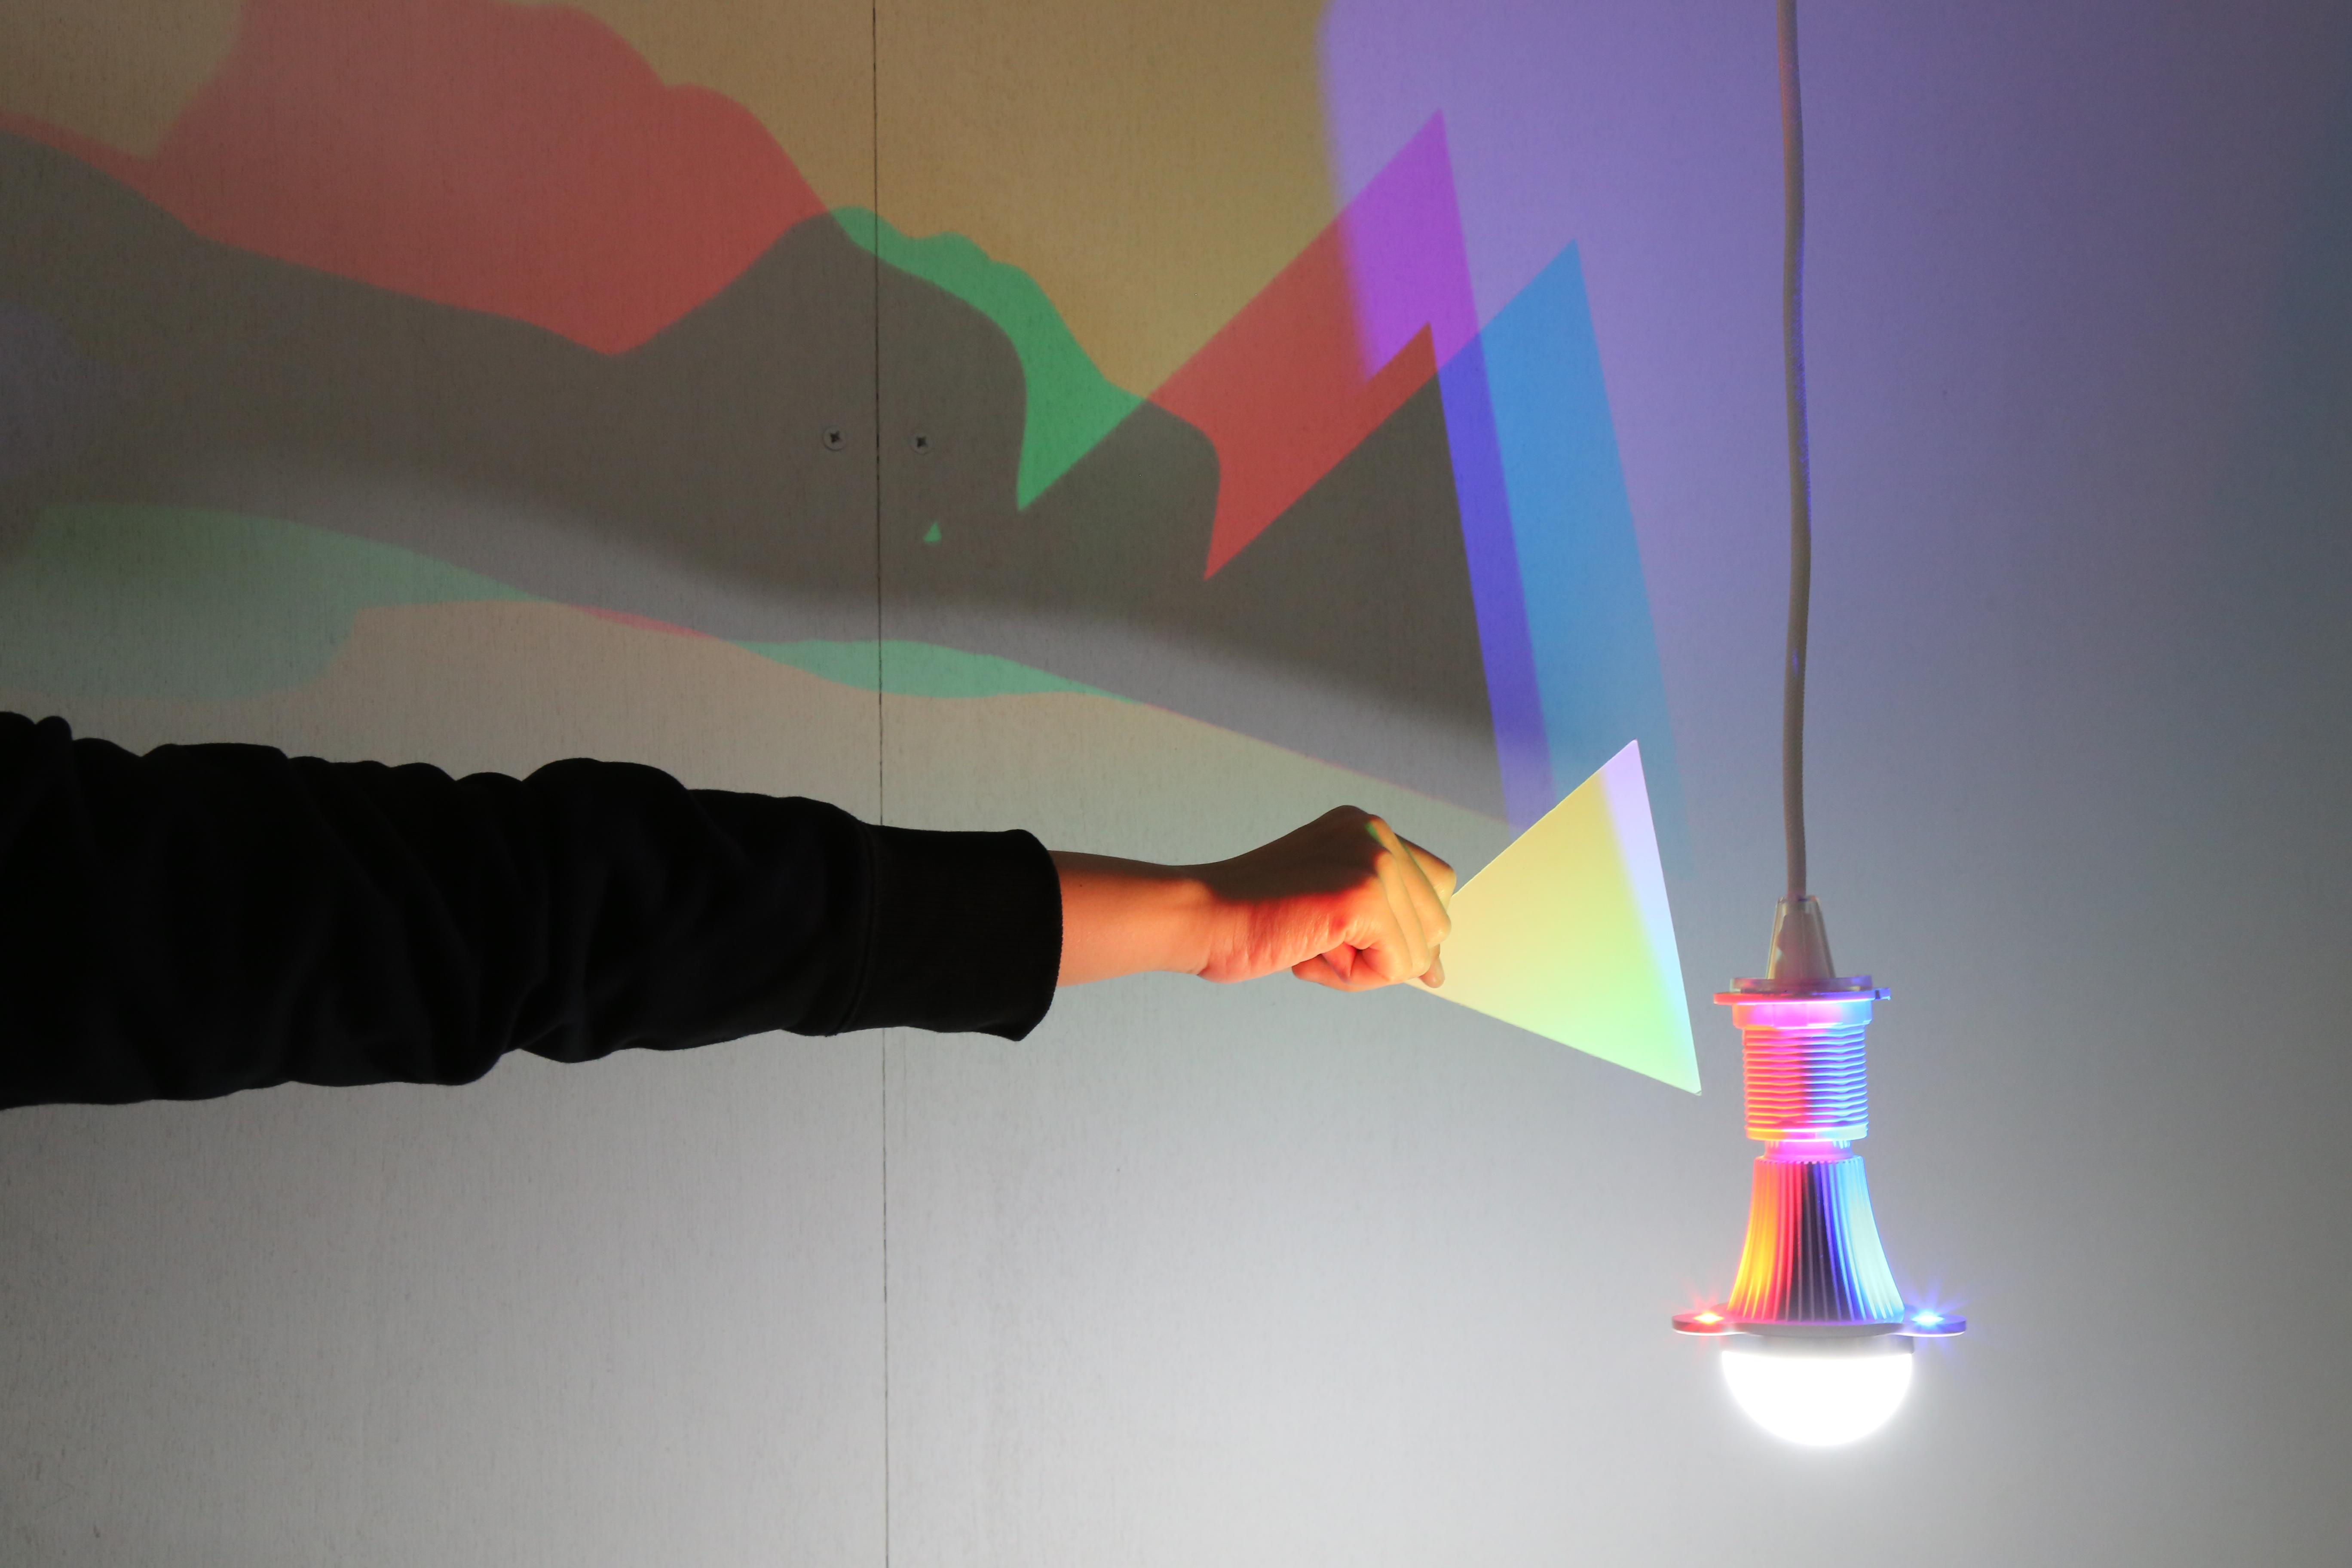 CMYK燈泡,透過三原色的混色原理混合疊加,以及人類觀察物體的方式,體現「光即是色」的說法。 圖/劉佳雯